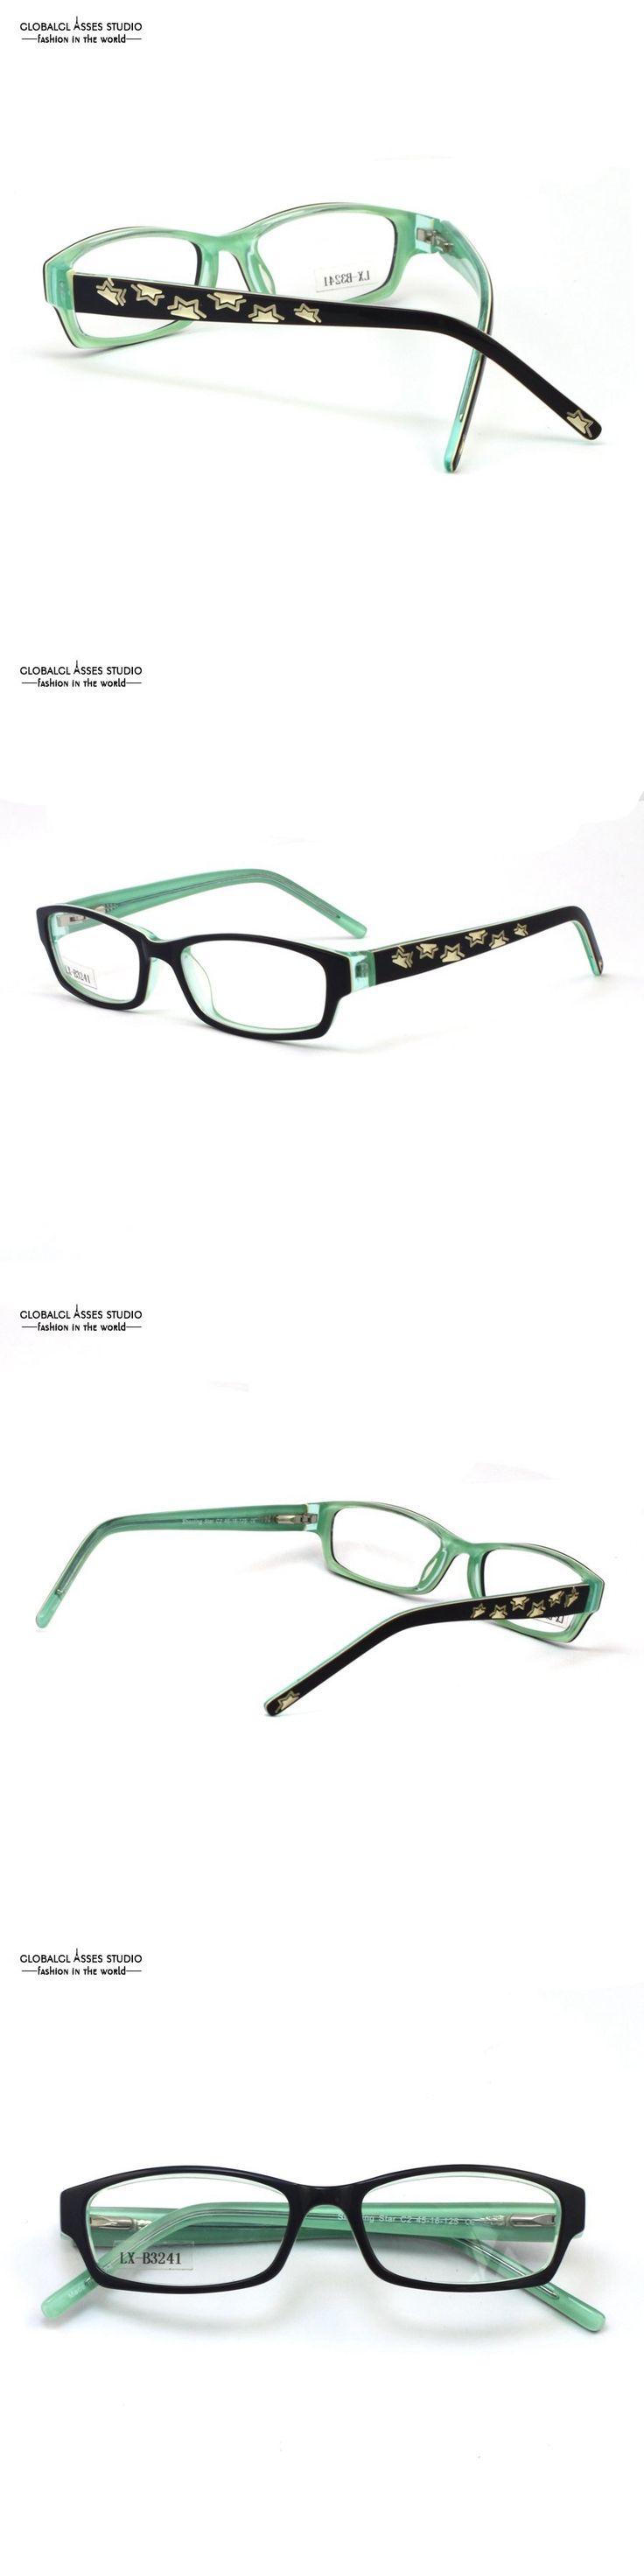 Kids Frames for Girl/Boy Black&Mint Green Lively Star Design for Child/Eyeglasses/Optical Frame/Eyewear LX-B3241